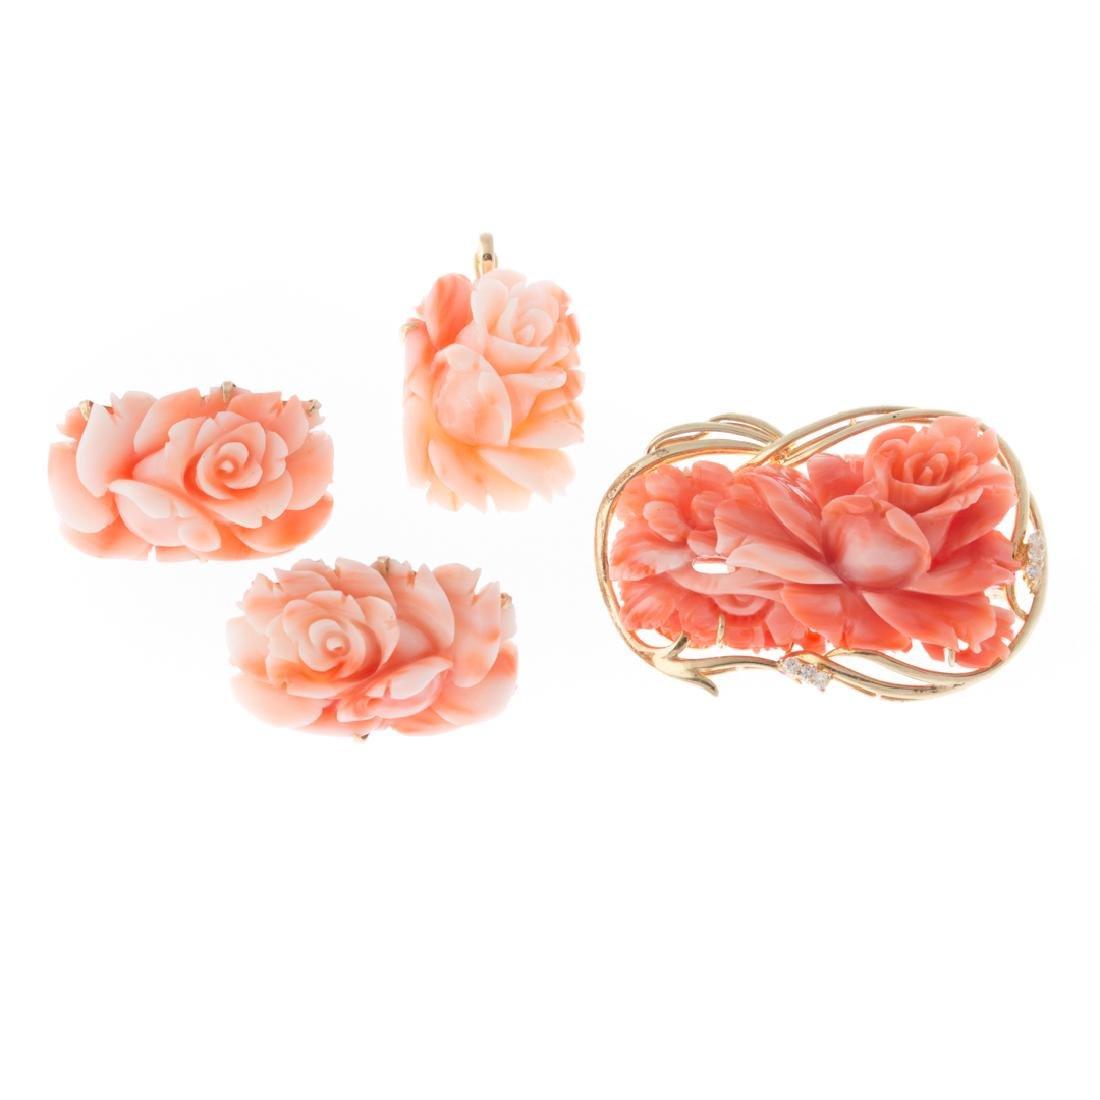 A Lady's Coral Brooch, Pendant & Earrings in 14K